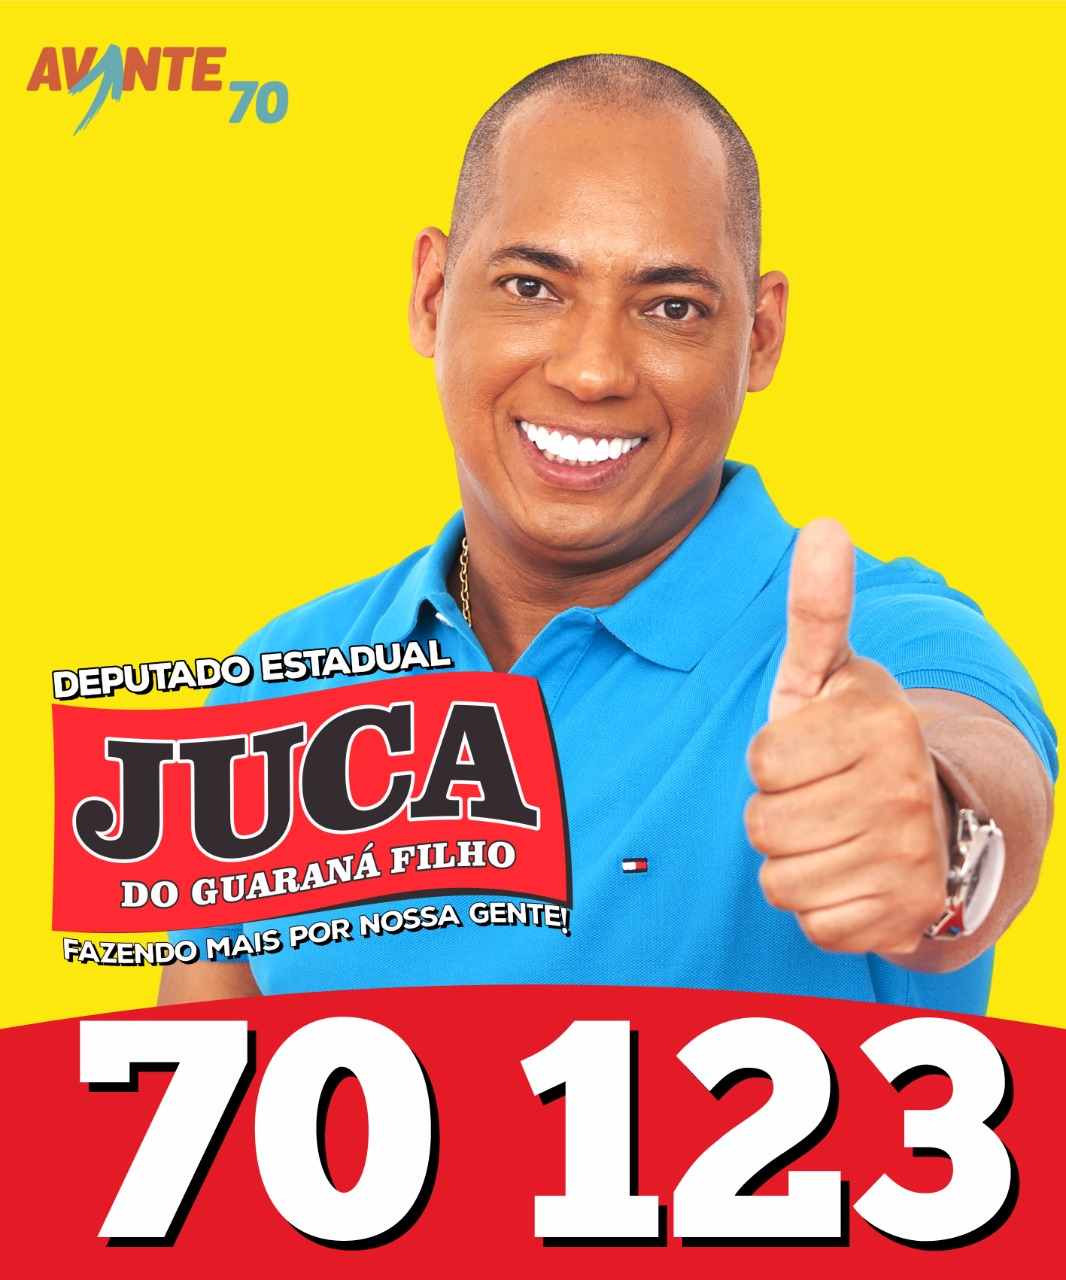 Deputado Estadual Juca do Guaraná Filho